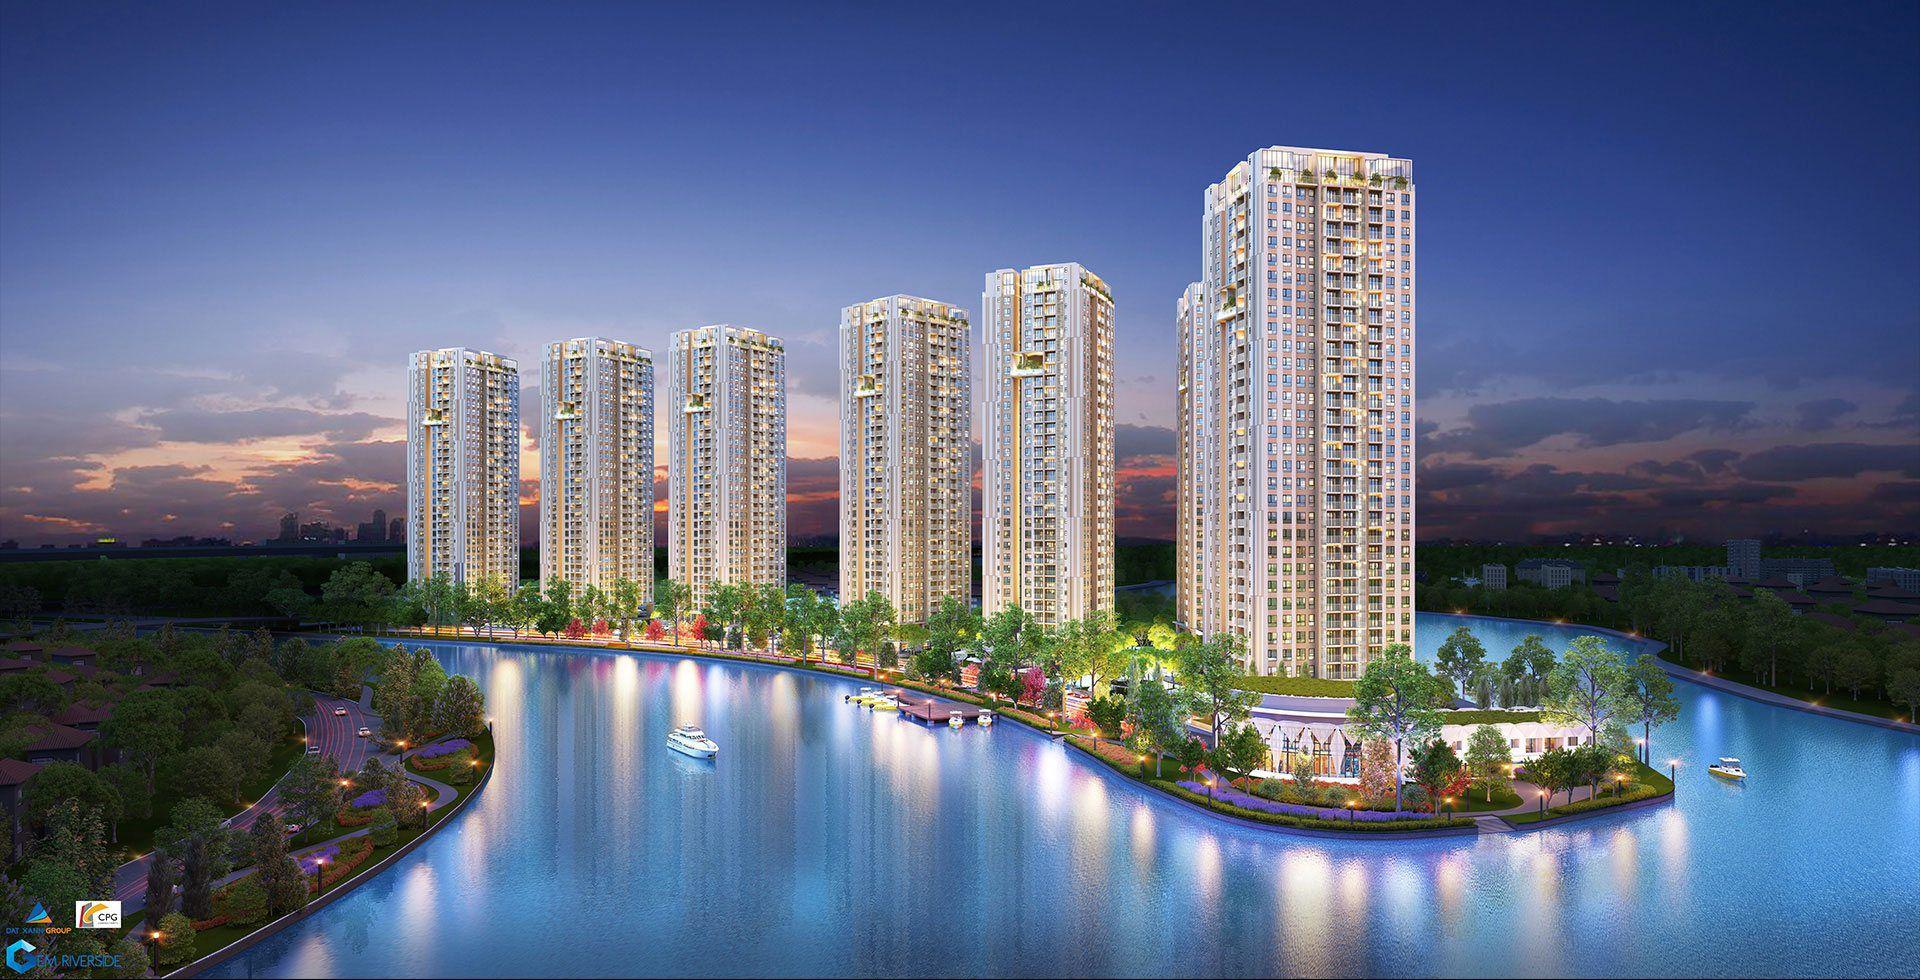 Hình ảnh dự án căn hộ Gem riverside